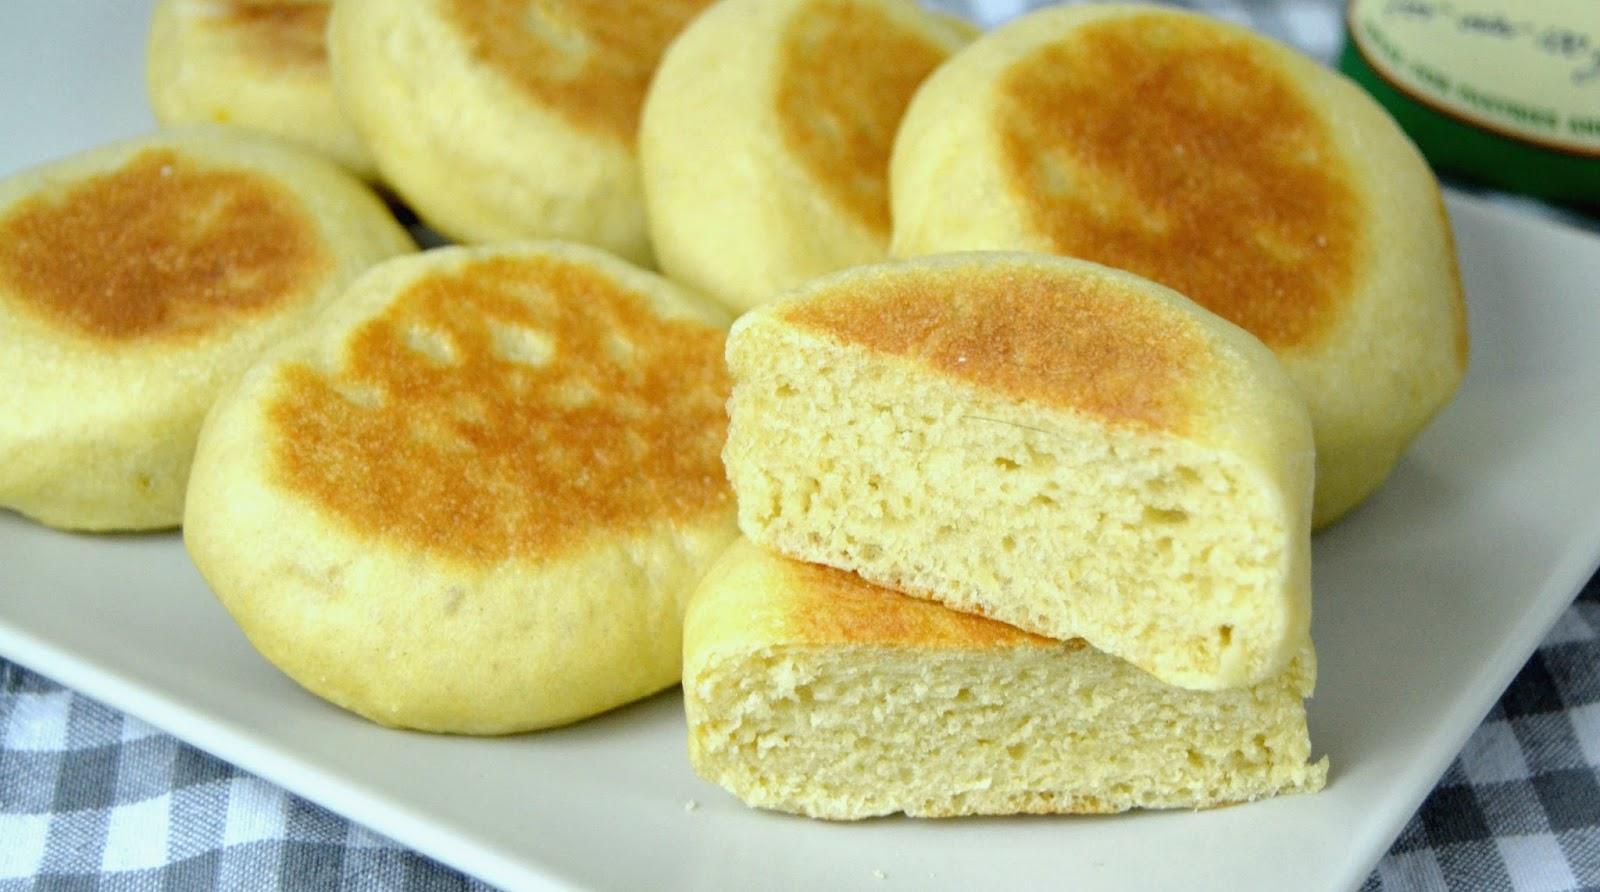 Receta para hacer pan blanco casero